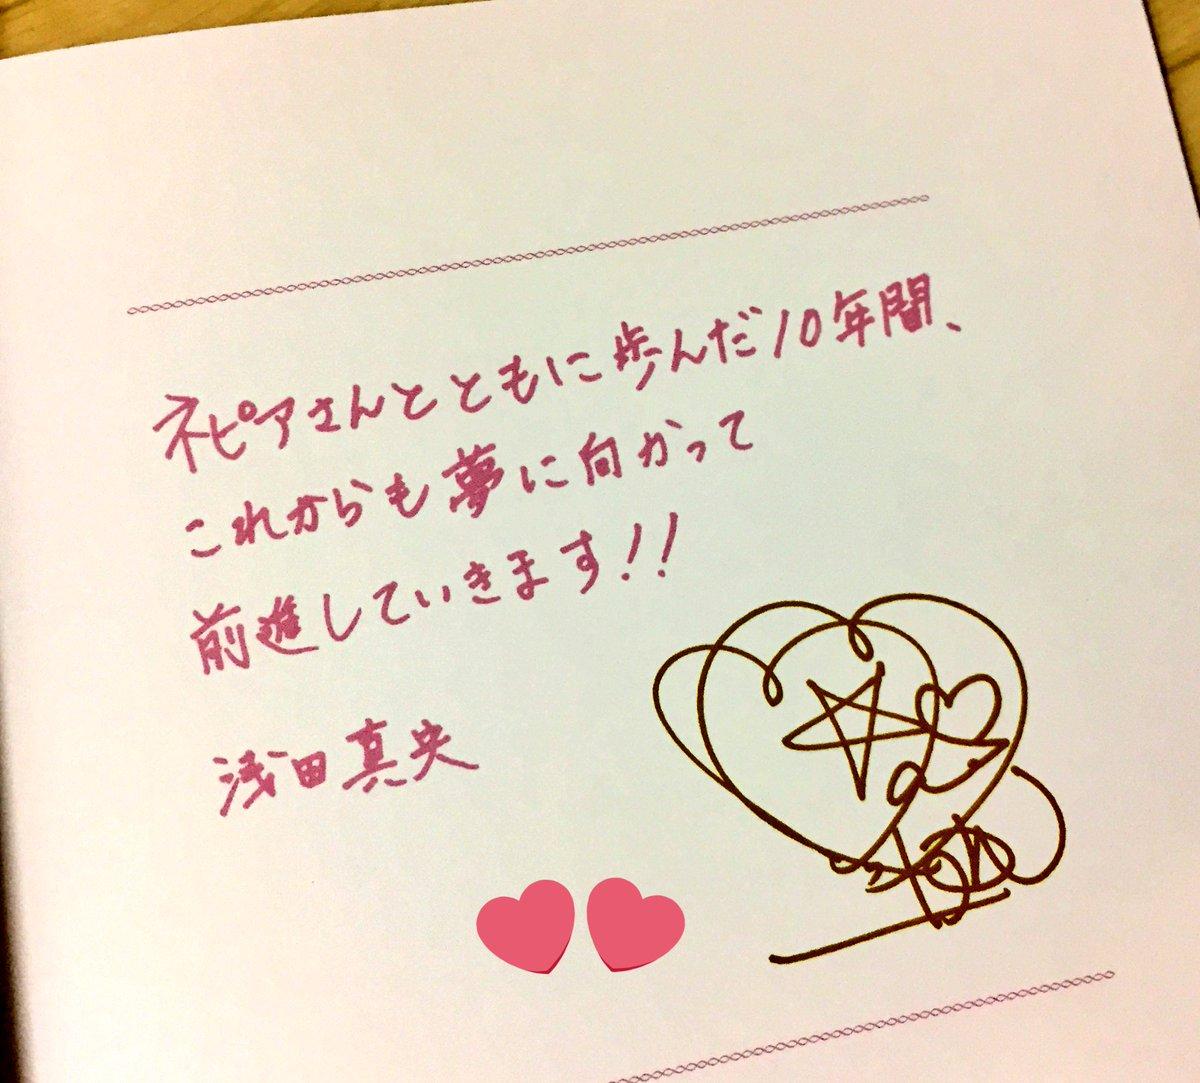 浅田真央ちゃんから貰ったメッセージの文字が綺麗だとファンの間で話題に